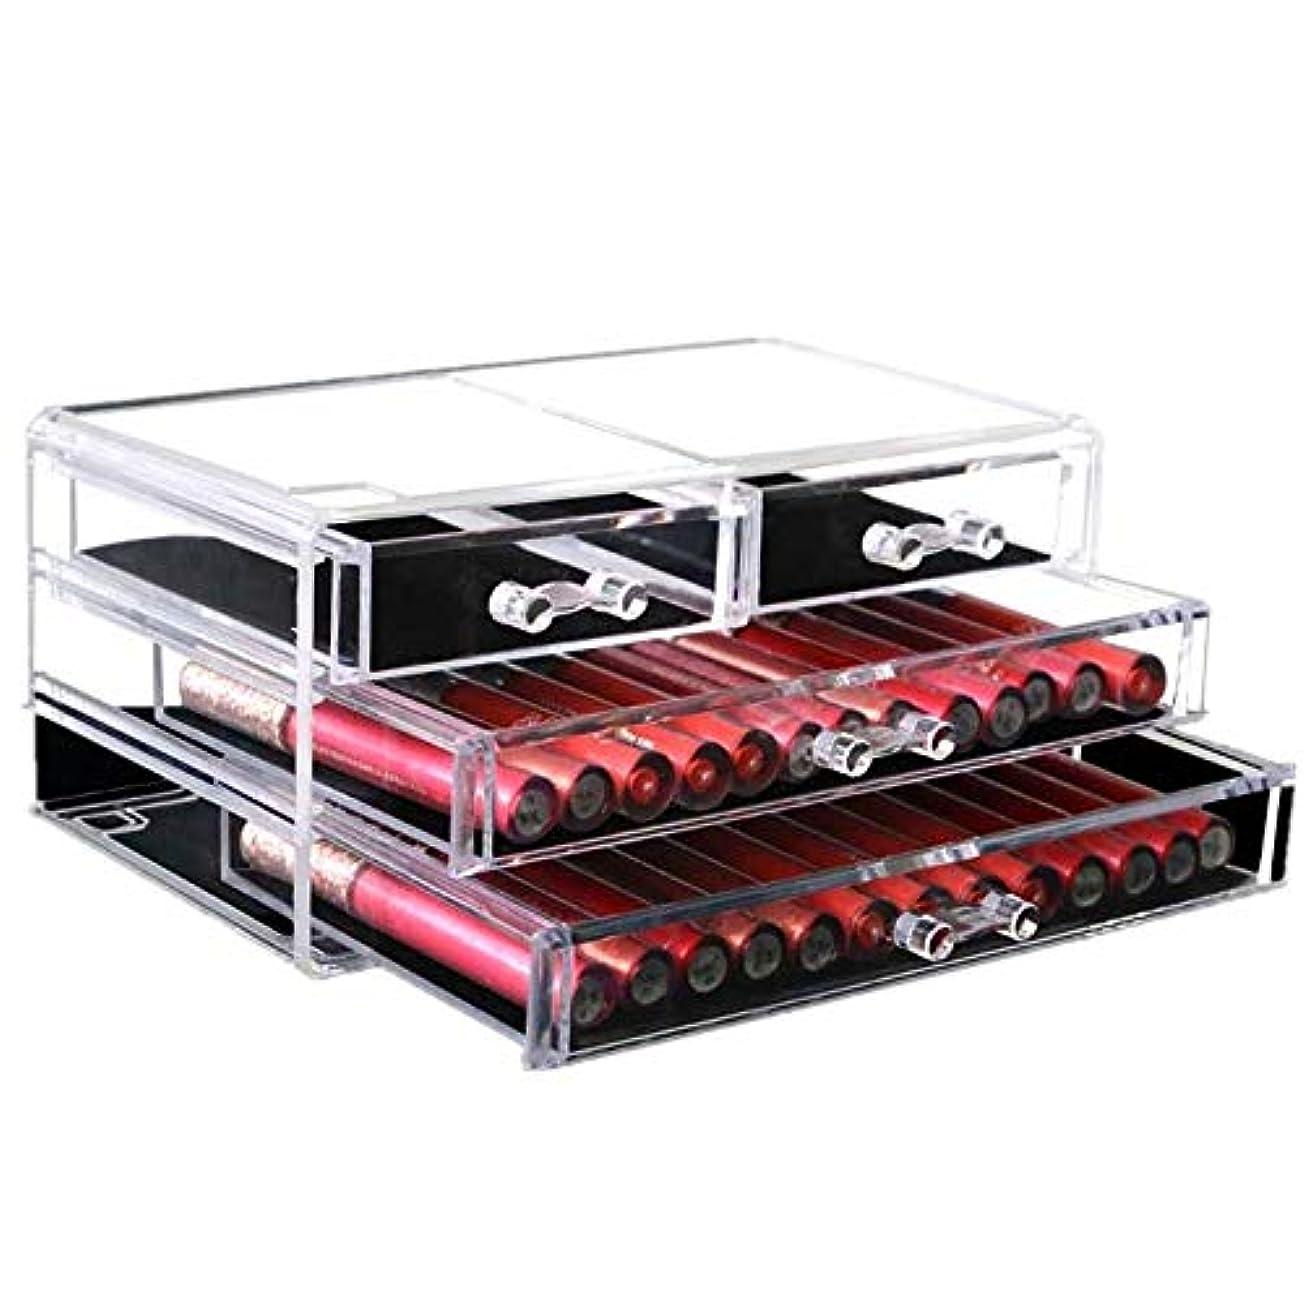 グローバリーレンド整理簡単 引出しの構造の宝石類のディスプレイ?ボックスが付いている簡単で明確なアクリルの化粧品のオルガナイザー (Color : Clear, Size : 24*13.5*11CM)